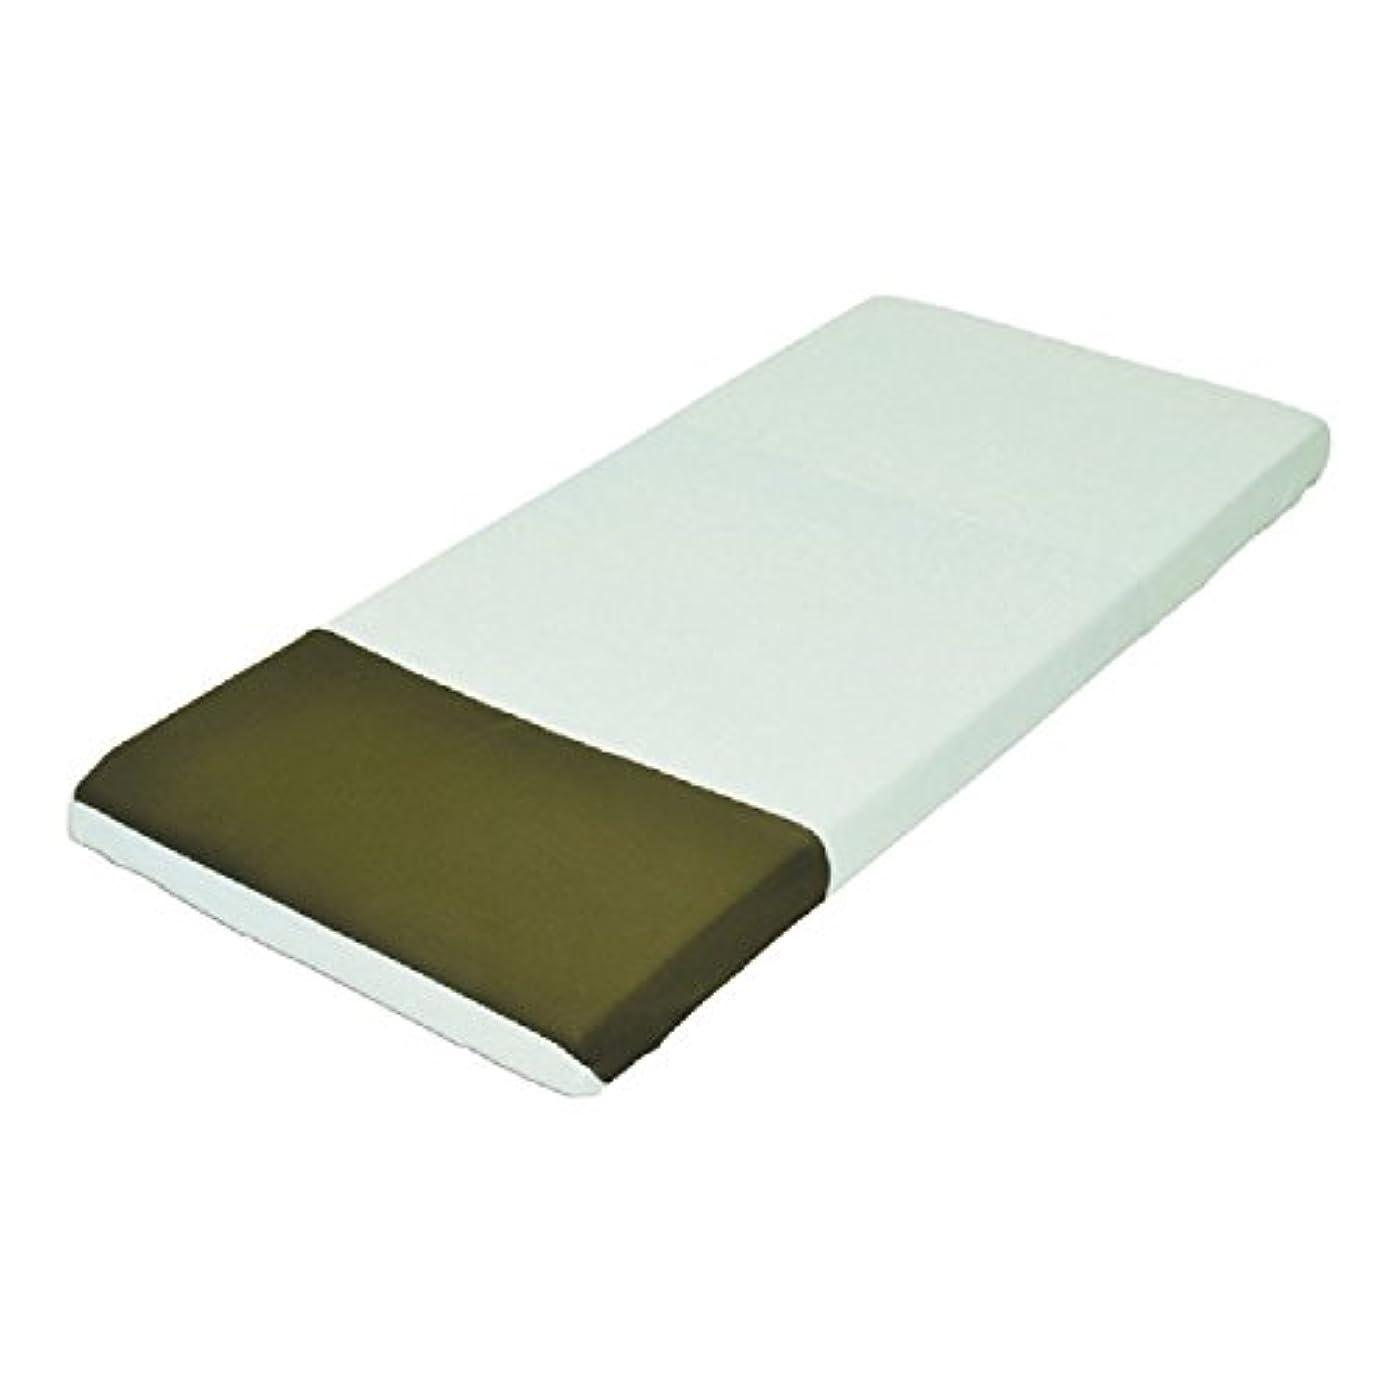 委員長多様な拡声器モルテン ハイパー除湿シーツ 吸水拡散 防水 ボックス全身 グリーン